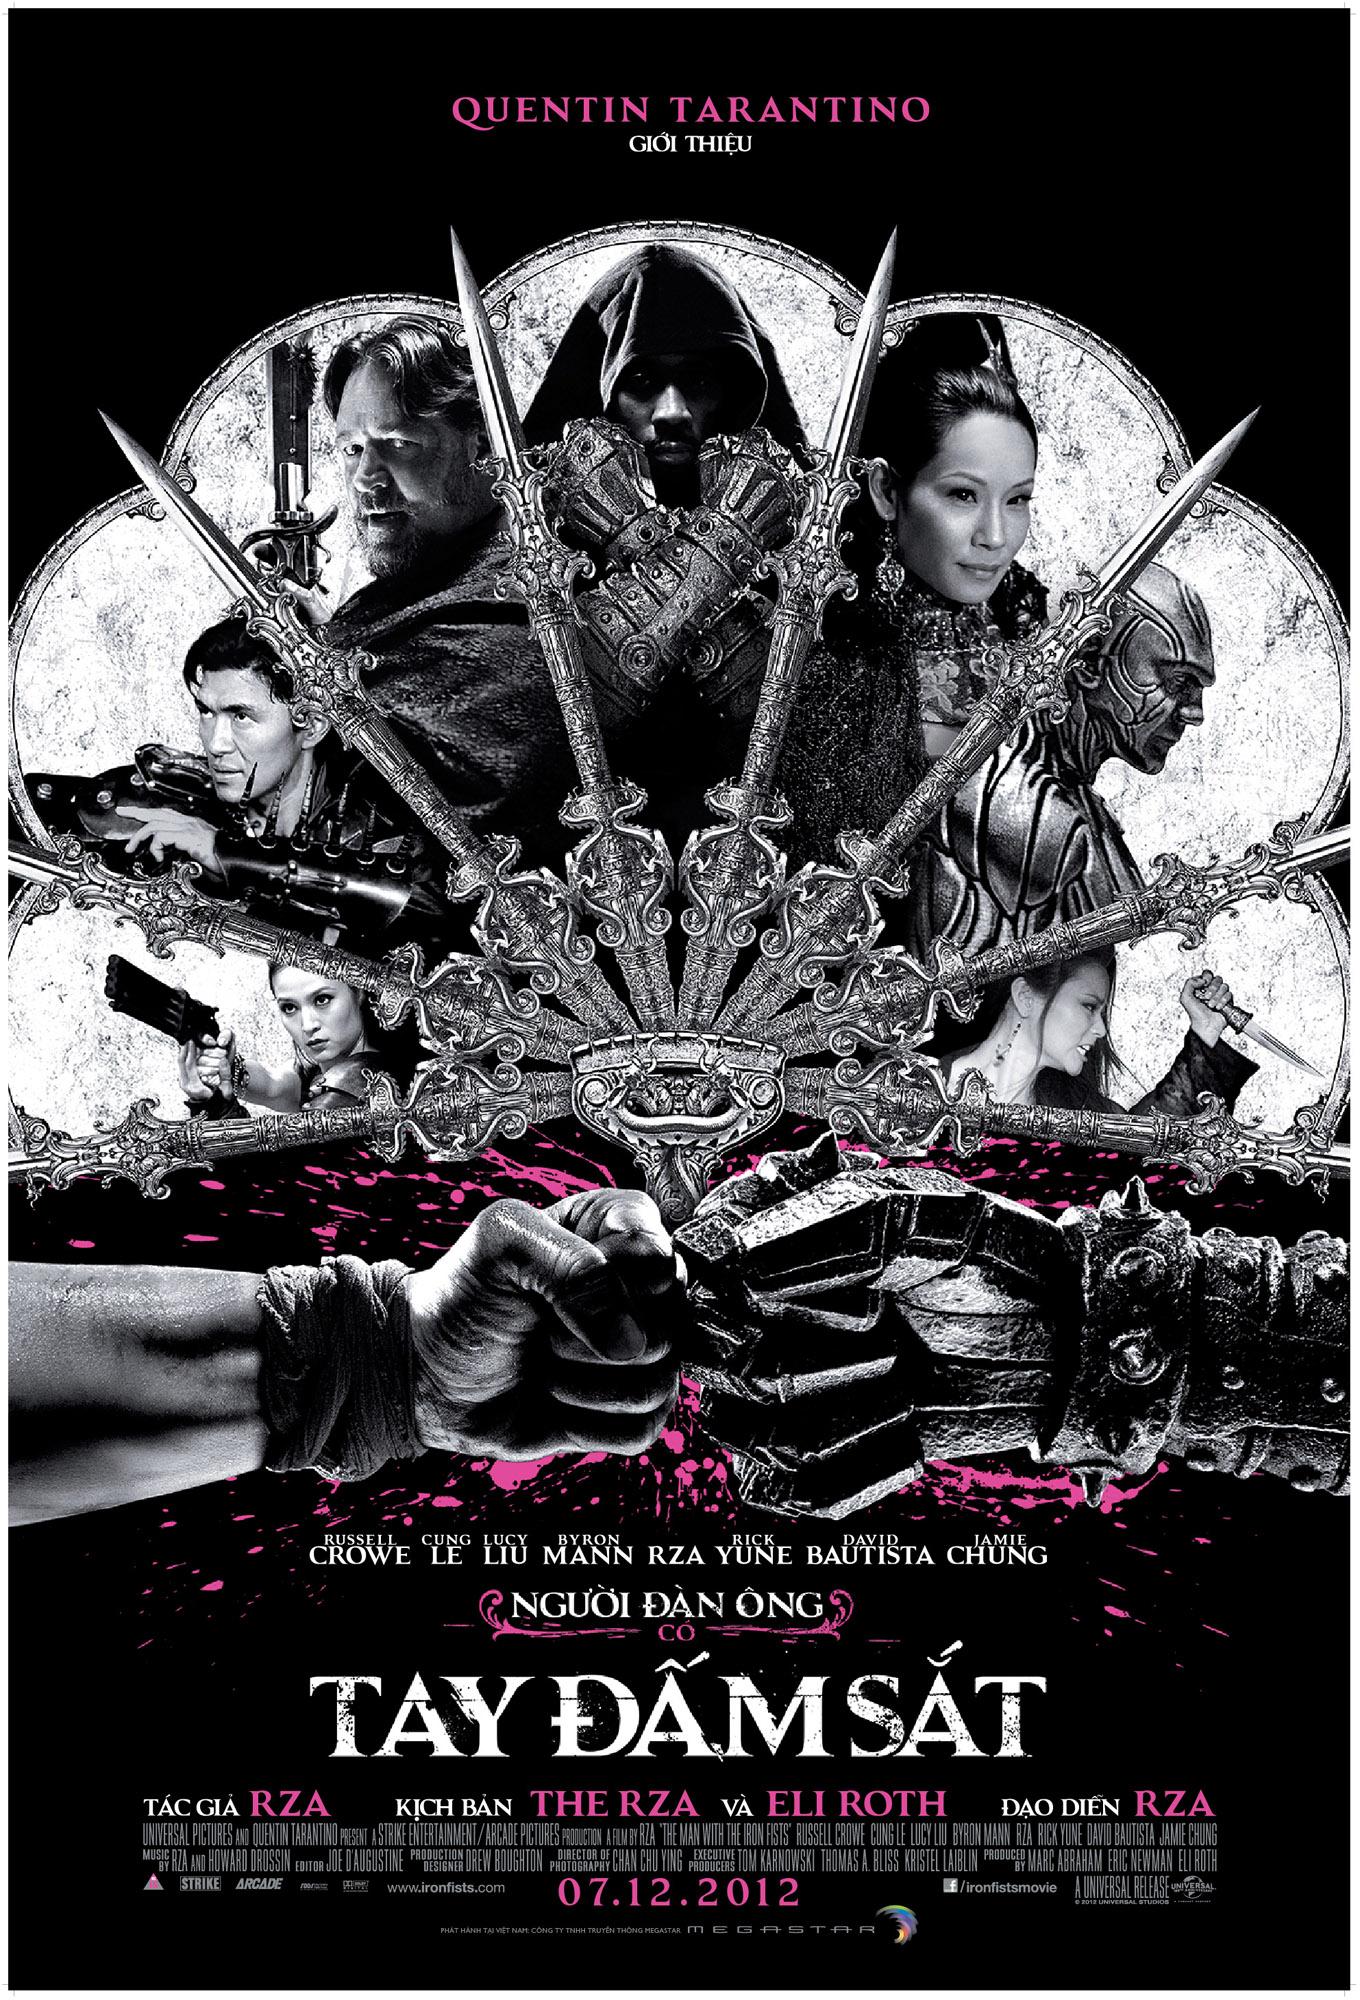 Xem Phim Người Đàn Ông Có Tay Đấm Sắt 2012